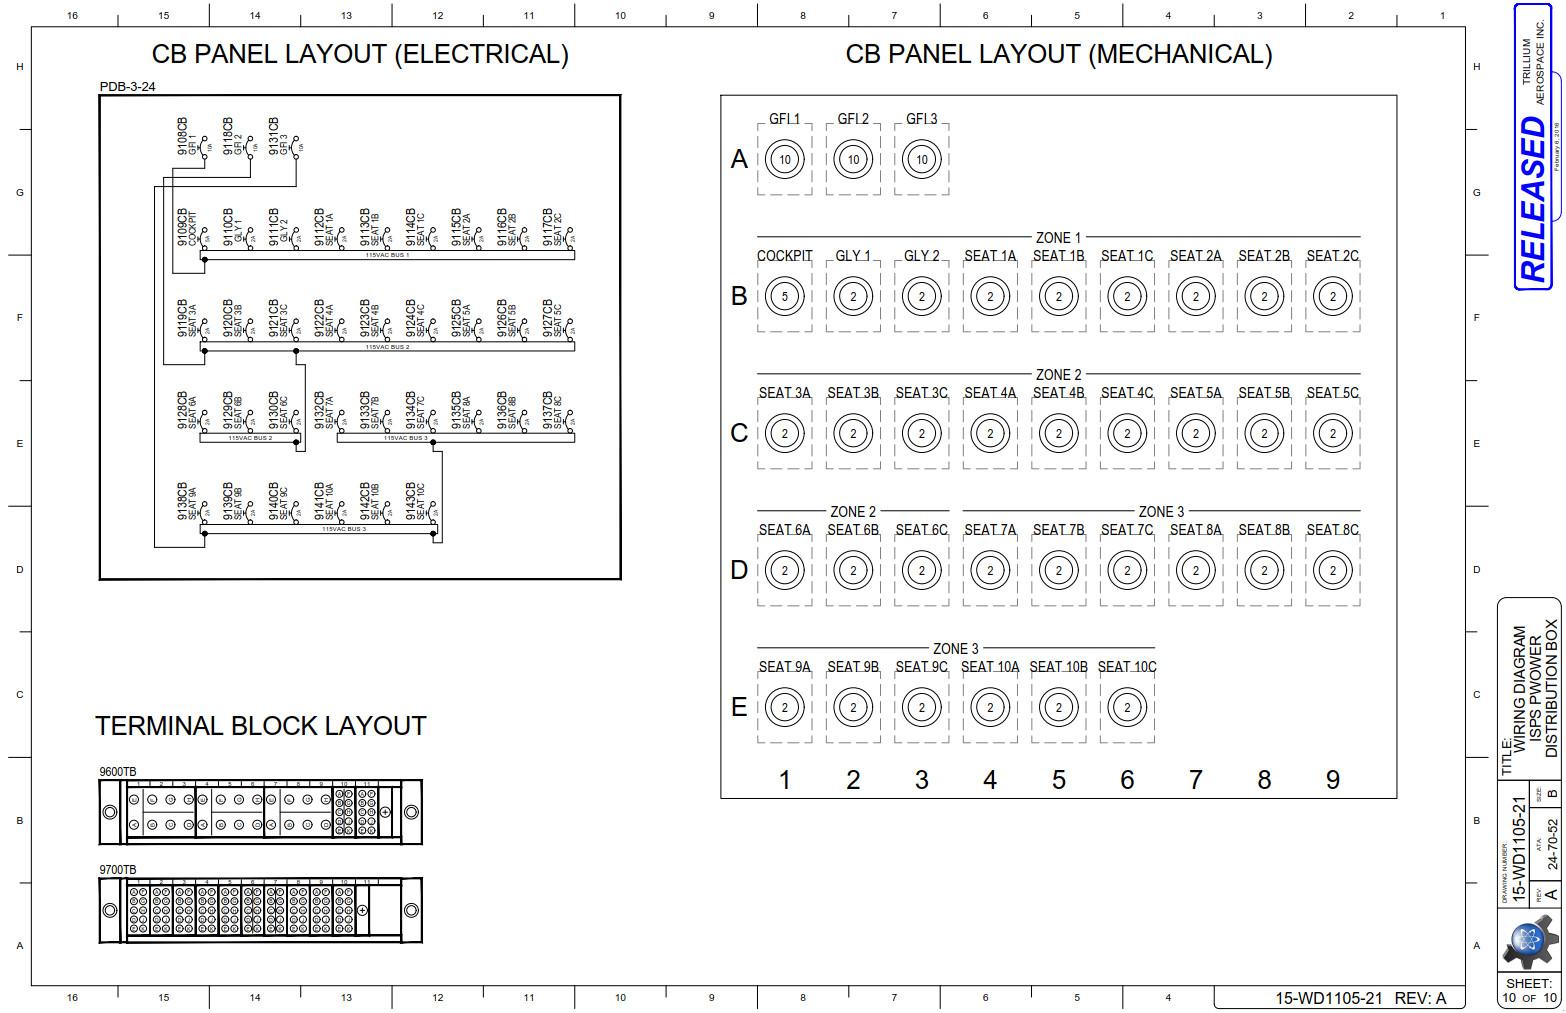 Trilliumaerospace Portfolio Wiring Diagram Symbols Embraer Isps Cb Panel And Block